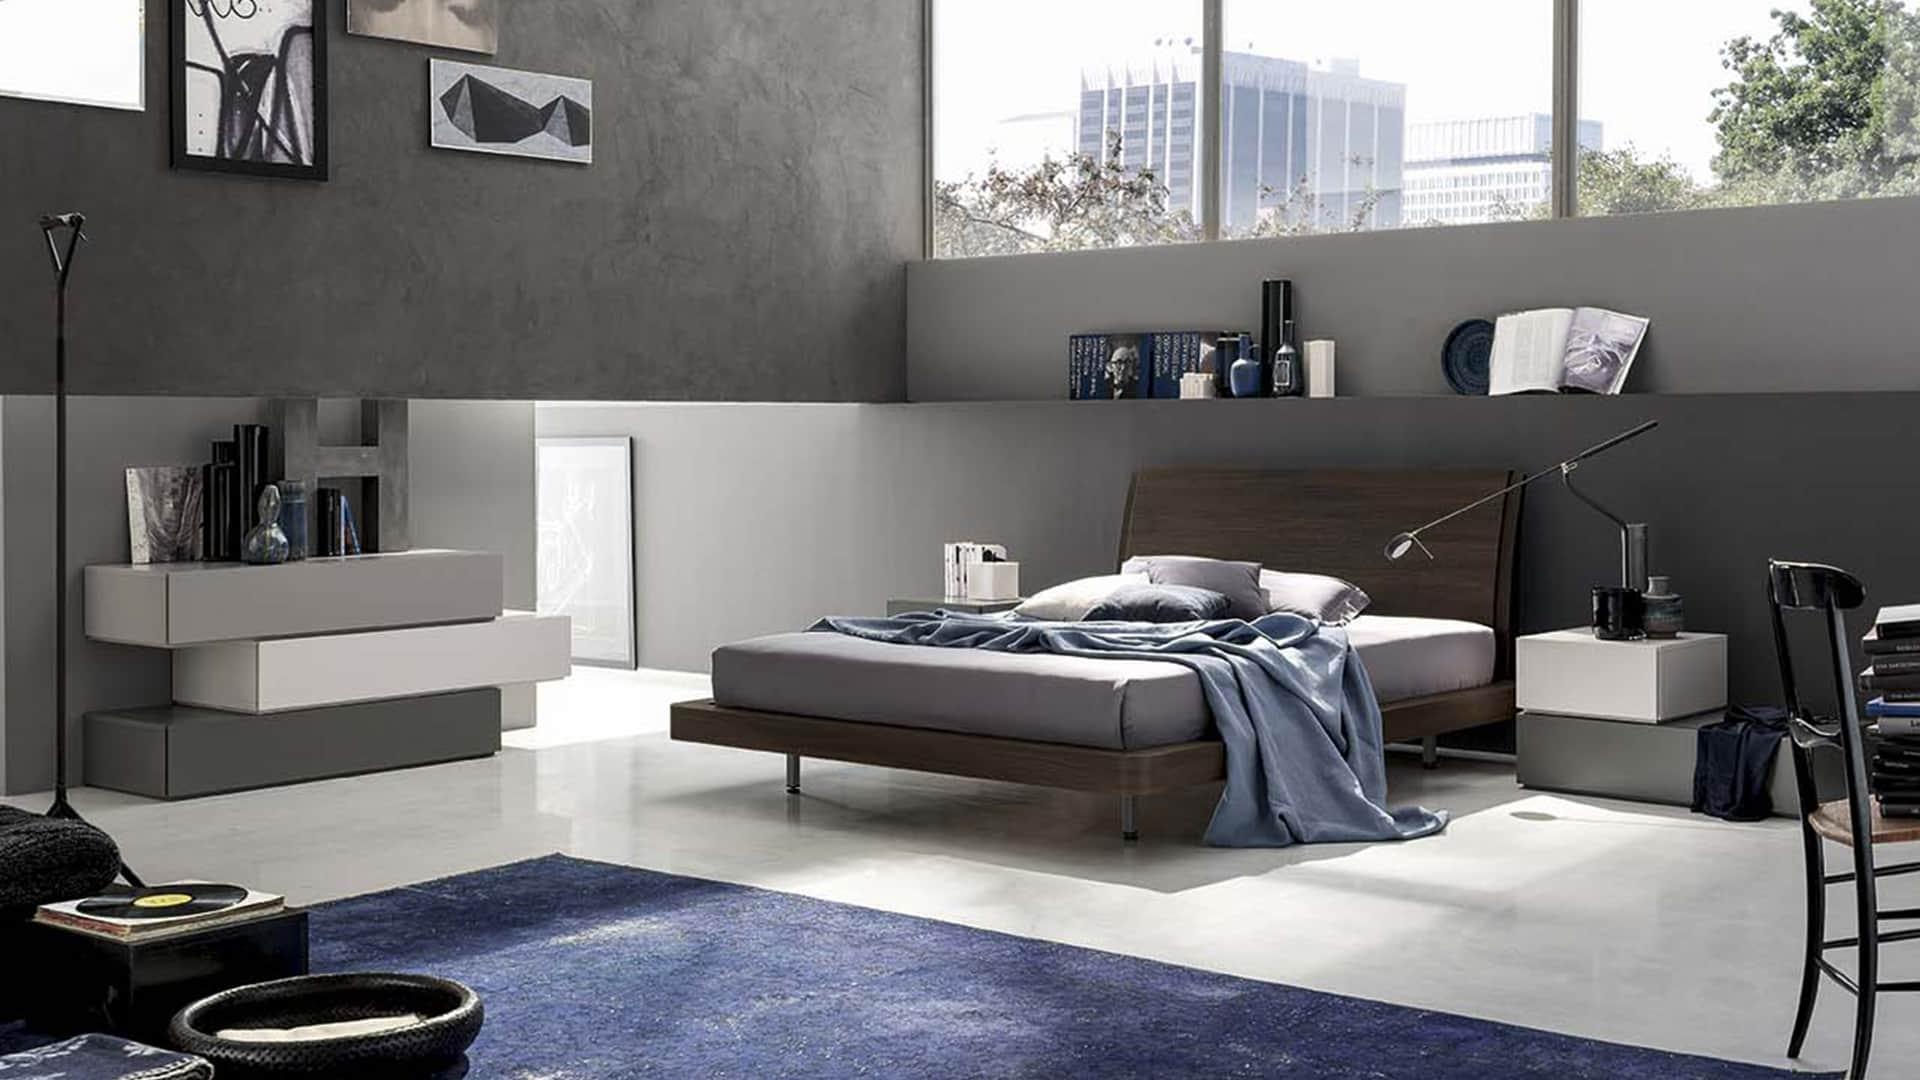 Arredamento per camere da letto a padova for Camere per single arredamento